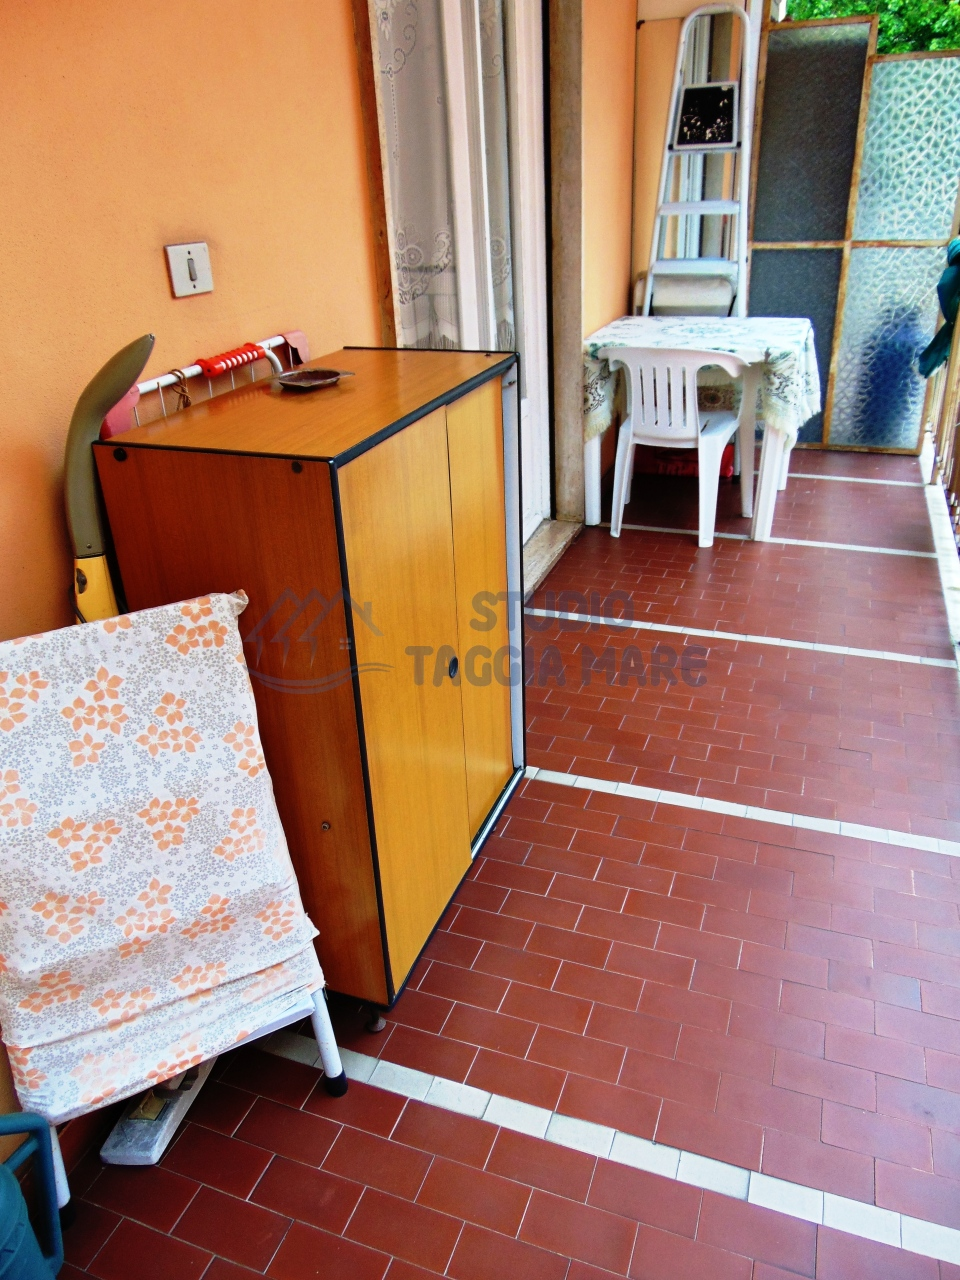 Appartamento in vendita a SanRemo, 2 locali, prezzo € 109.000 | CambioCasa.it